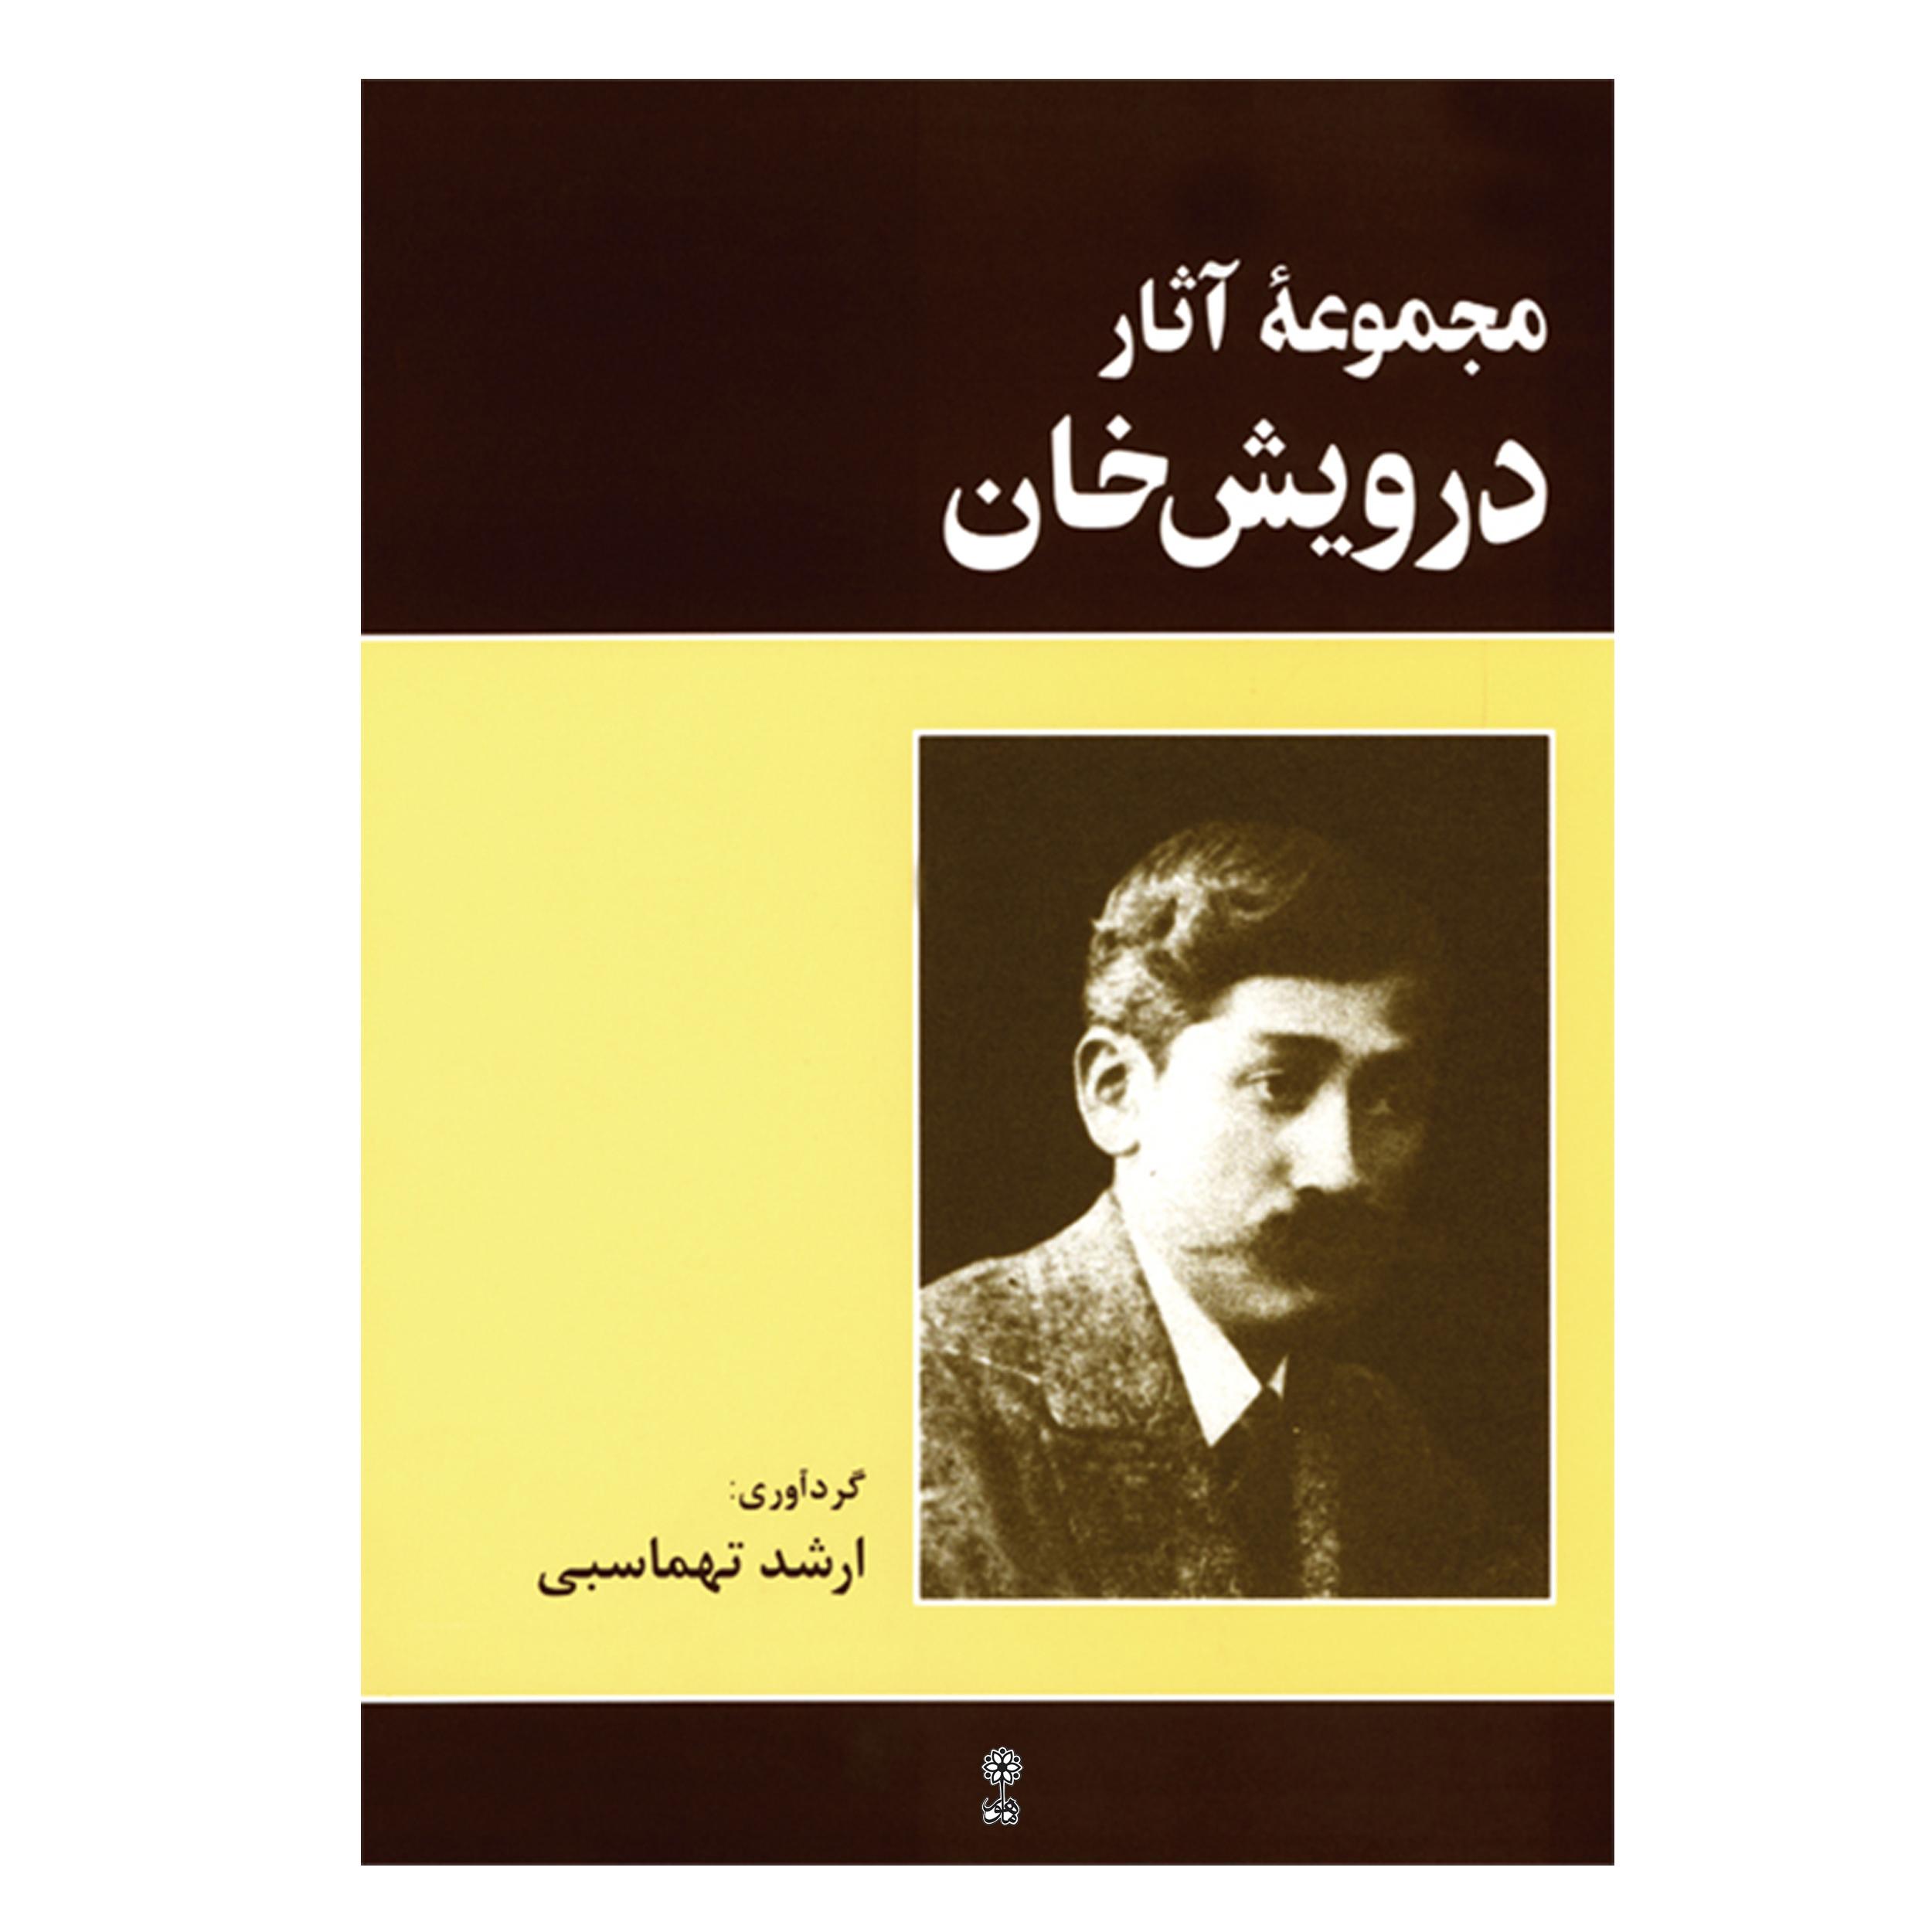 خرید                      کتاب مجموعه آثار درویش خان اثر ارشد تهماسبی انتشارات ماهور